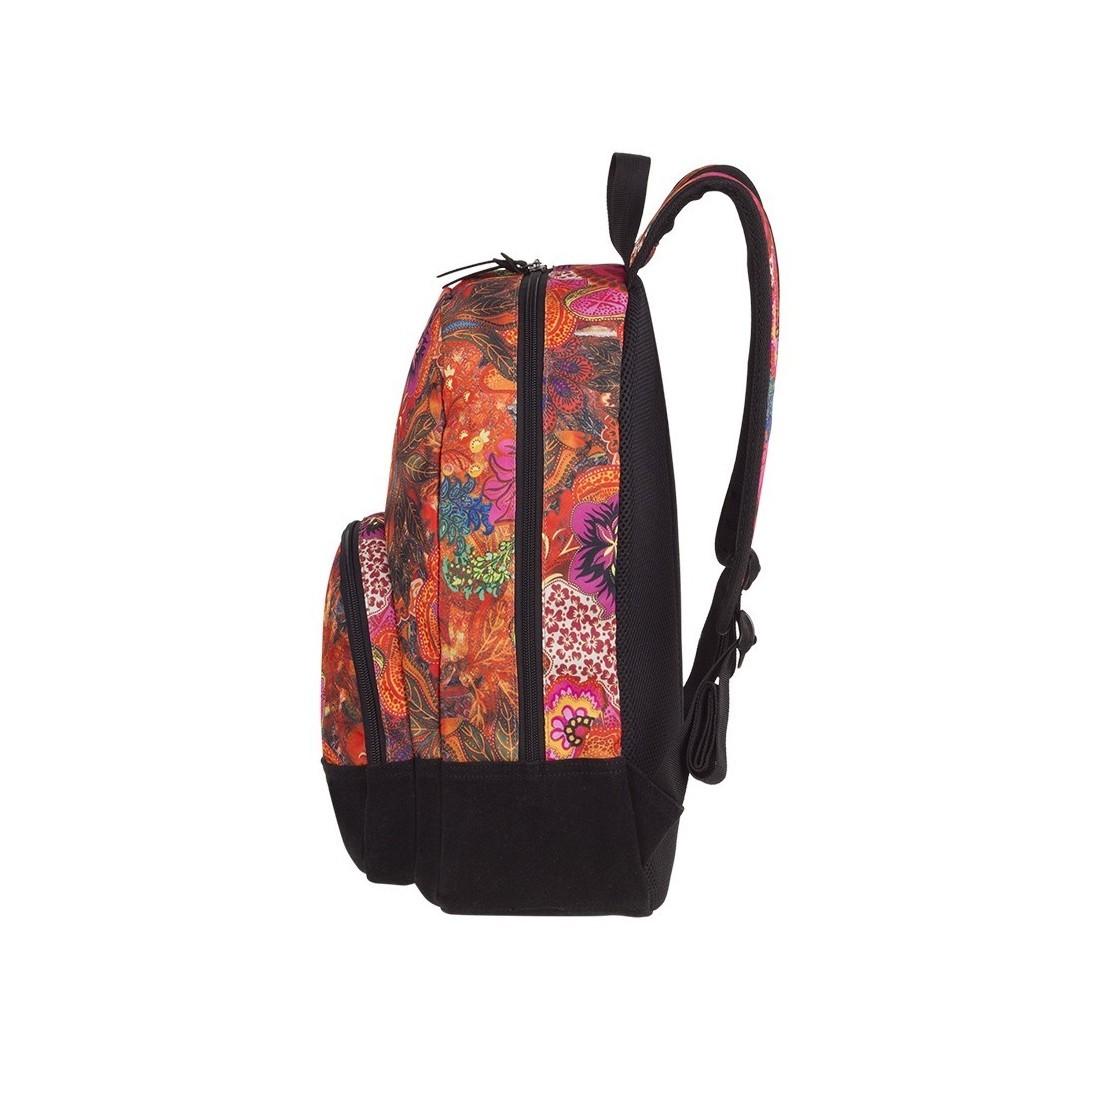 2a5aacb649385 ... Plecak w kwiaty pomarańczowy dla dziewczyny CoolPack CP CLASSIC FLOWER  EXPLOSION ...